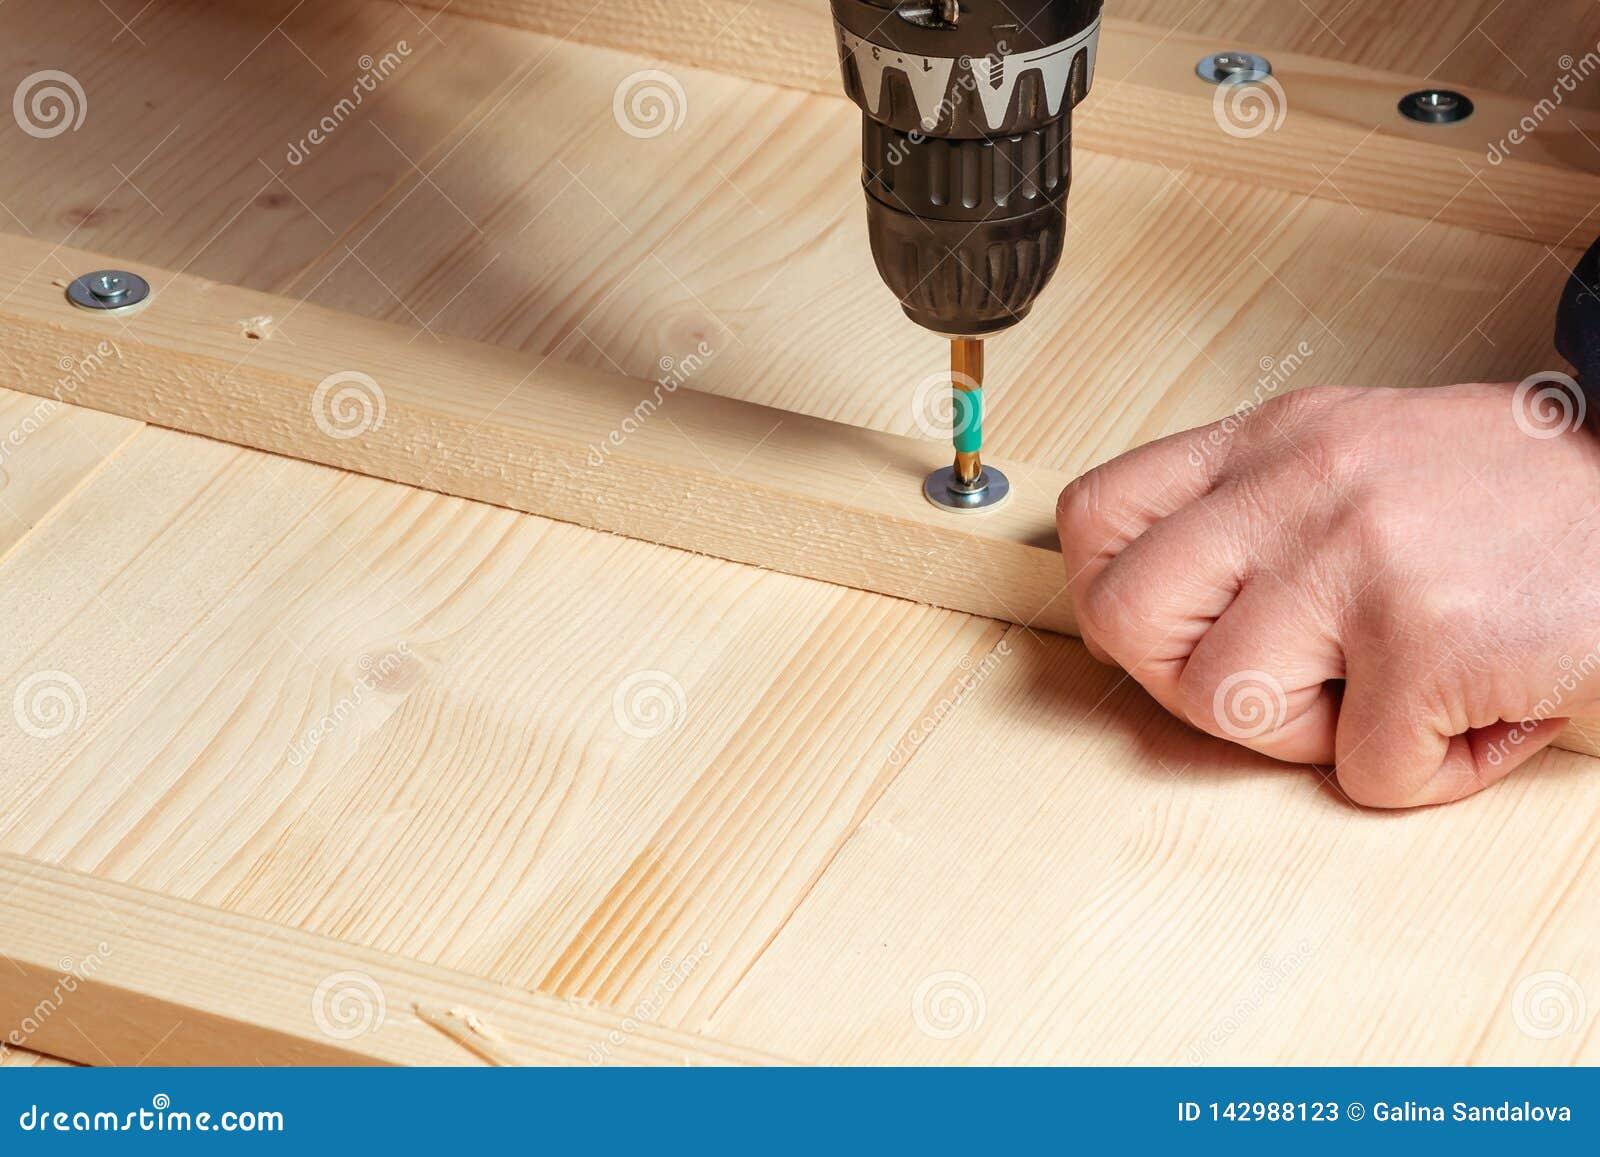 Les mains masculines vissent les blocs en bois aux conseils avec un tournevis